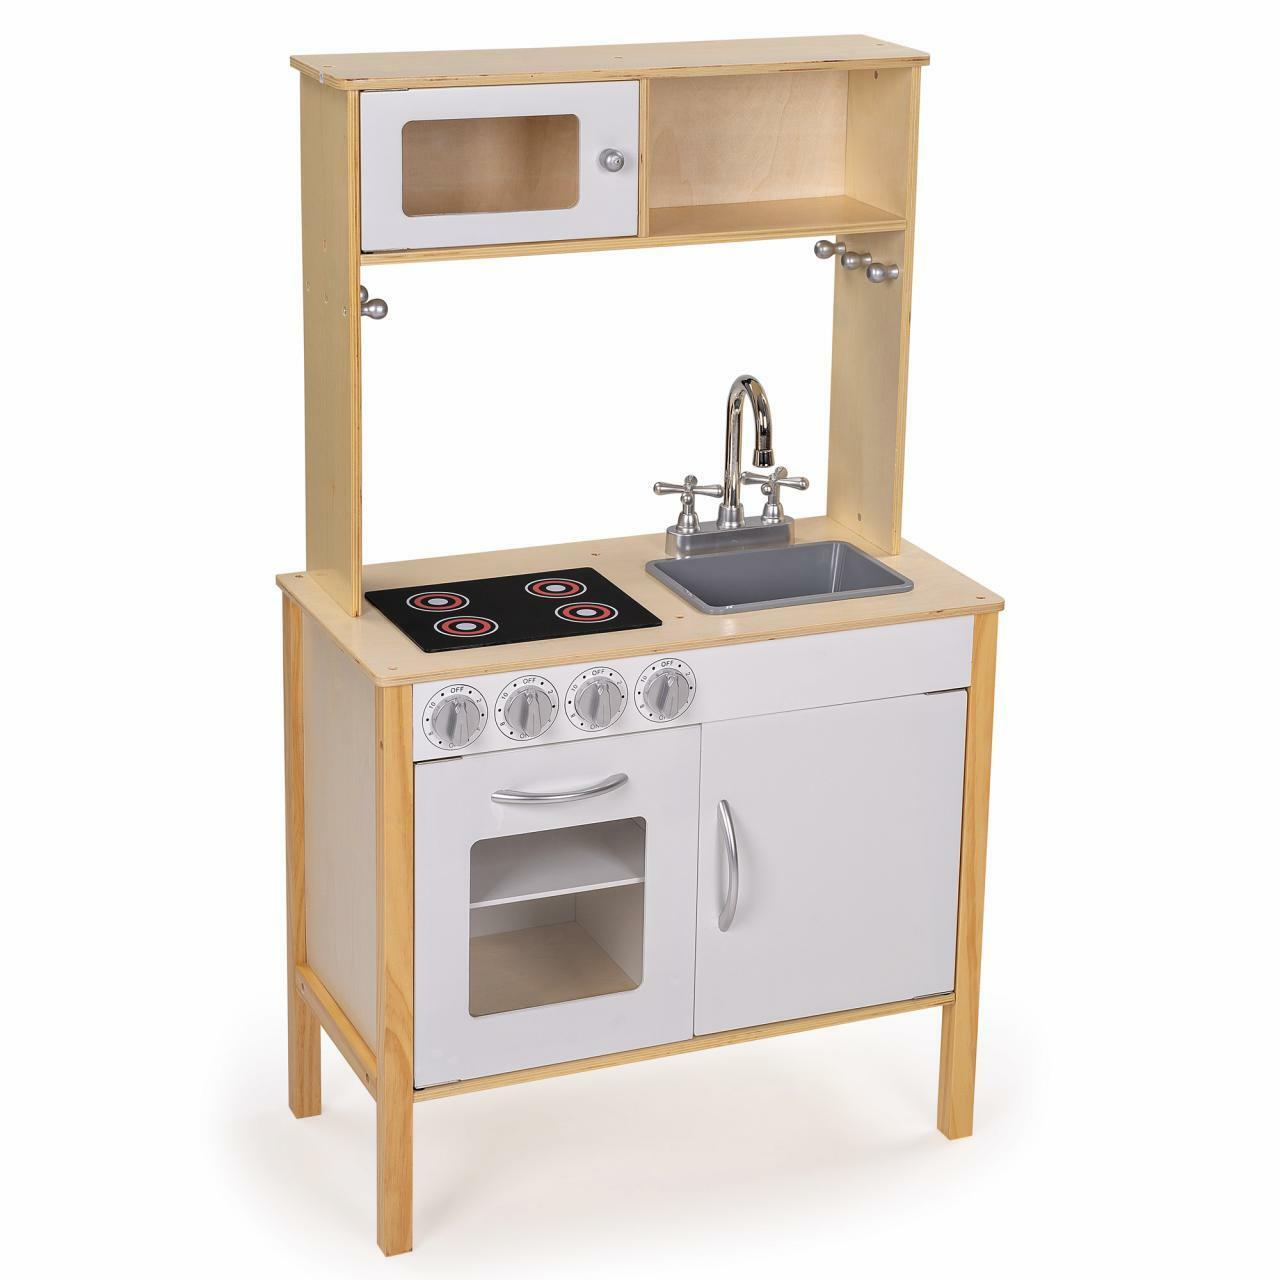 Kinderküche Spielküche aus Holz Kinderspielküche Spielzeugküche Holzküche Holzküche Holzküche Küche 0bda4f